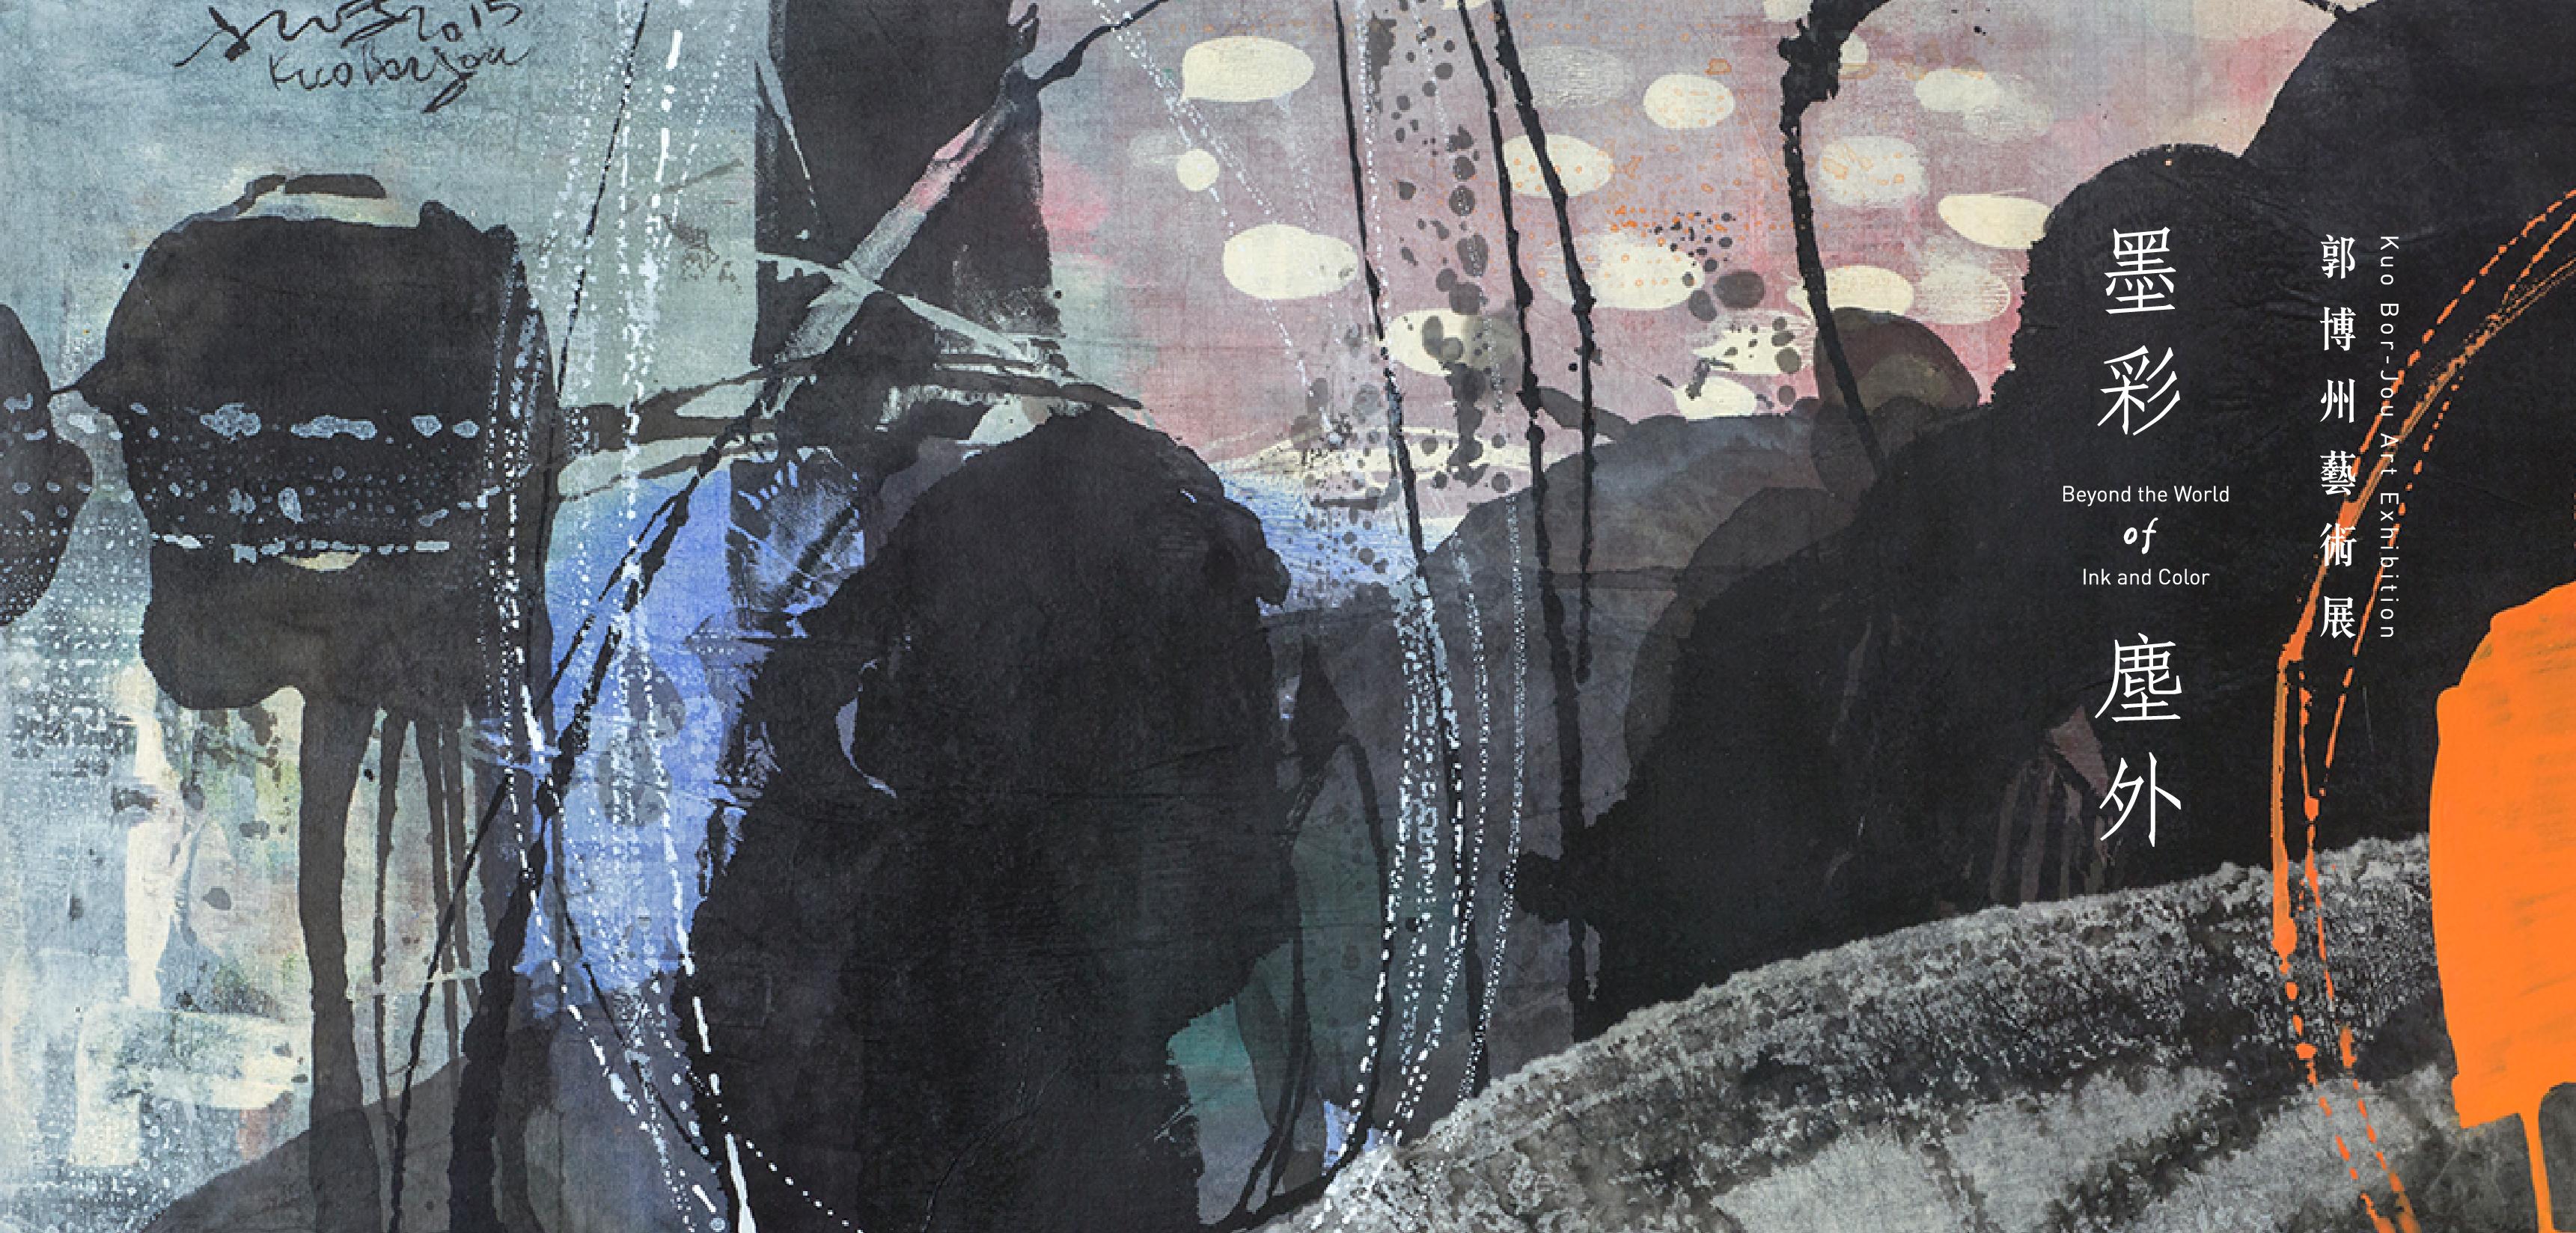 「墨彩・塵外」郭博州藝術展